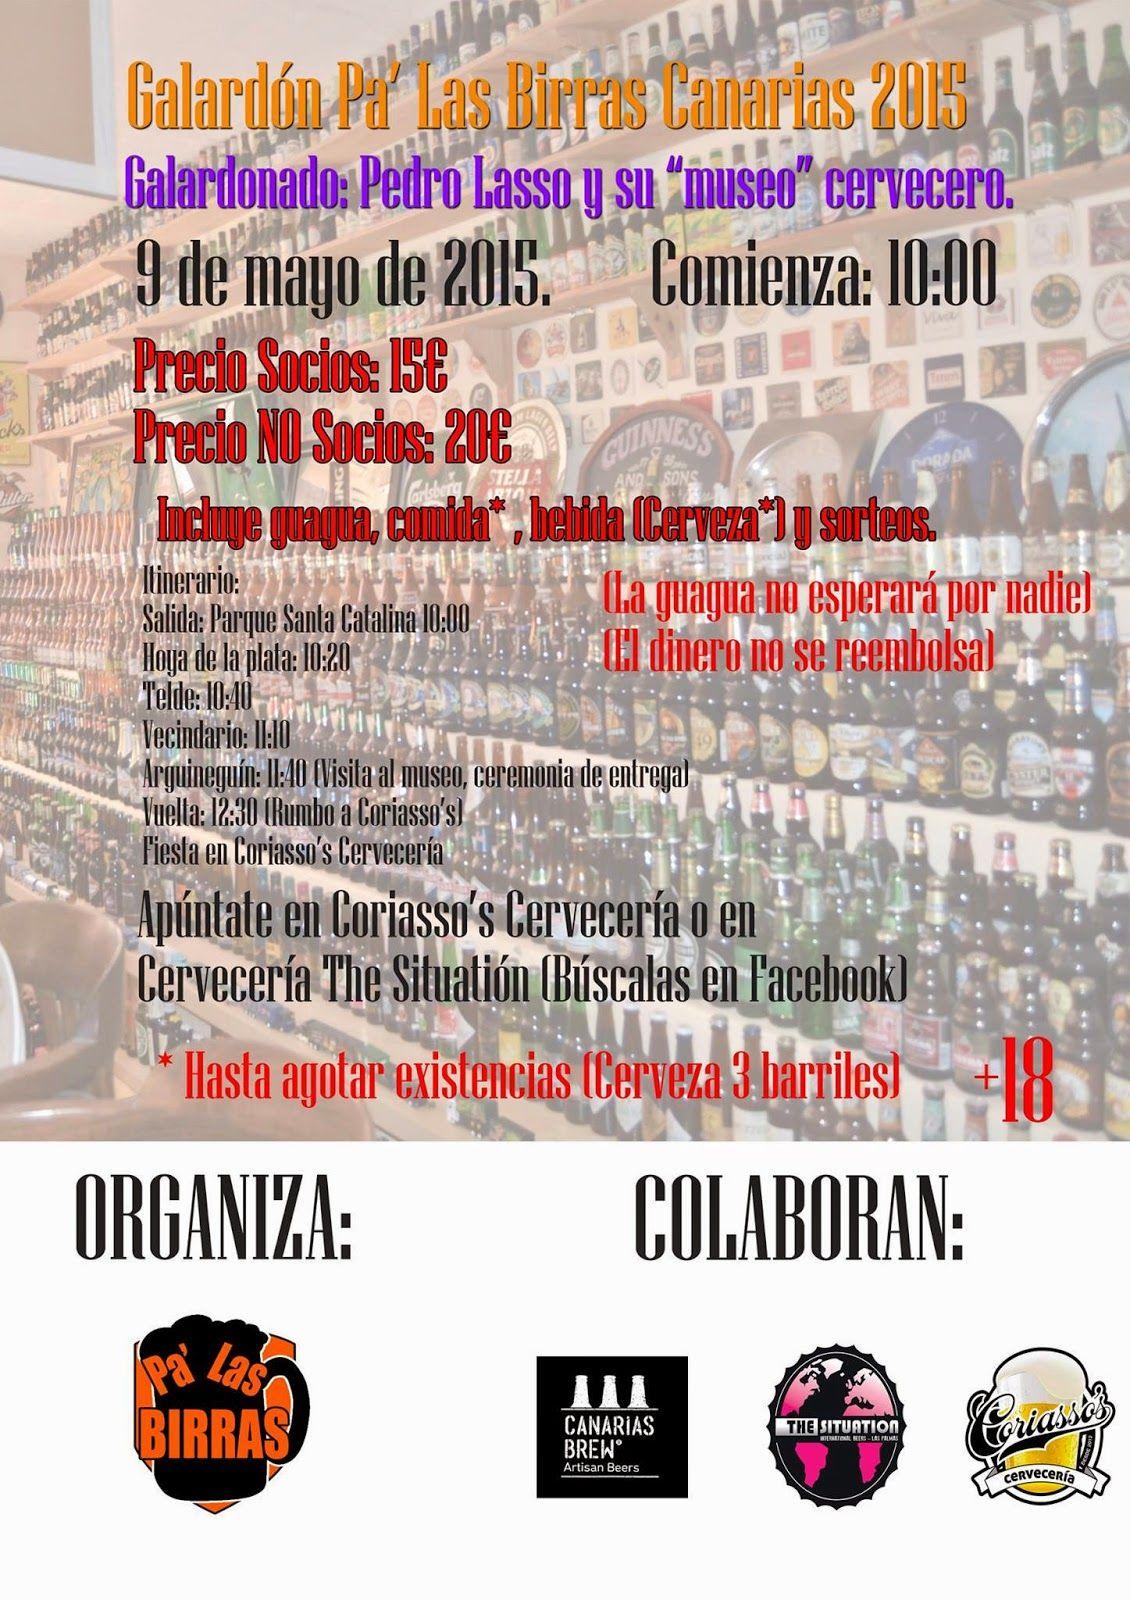 Pa' Las Birras: Galardón Pa' Las Birras Canarias 2015.